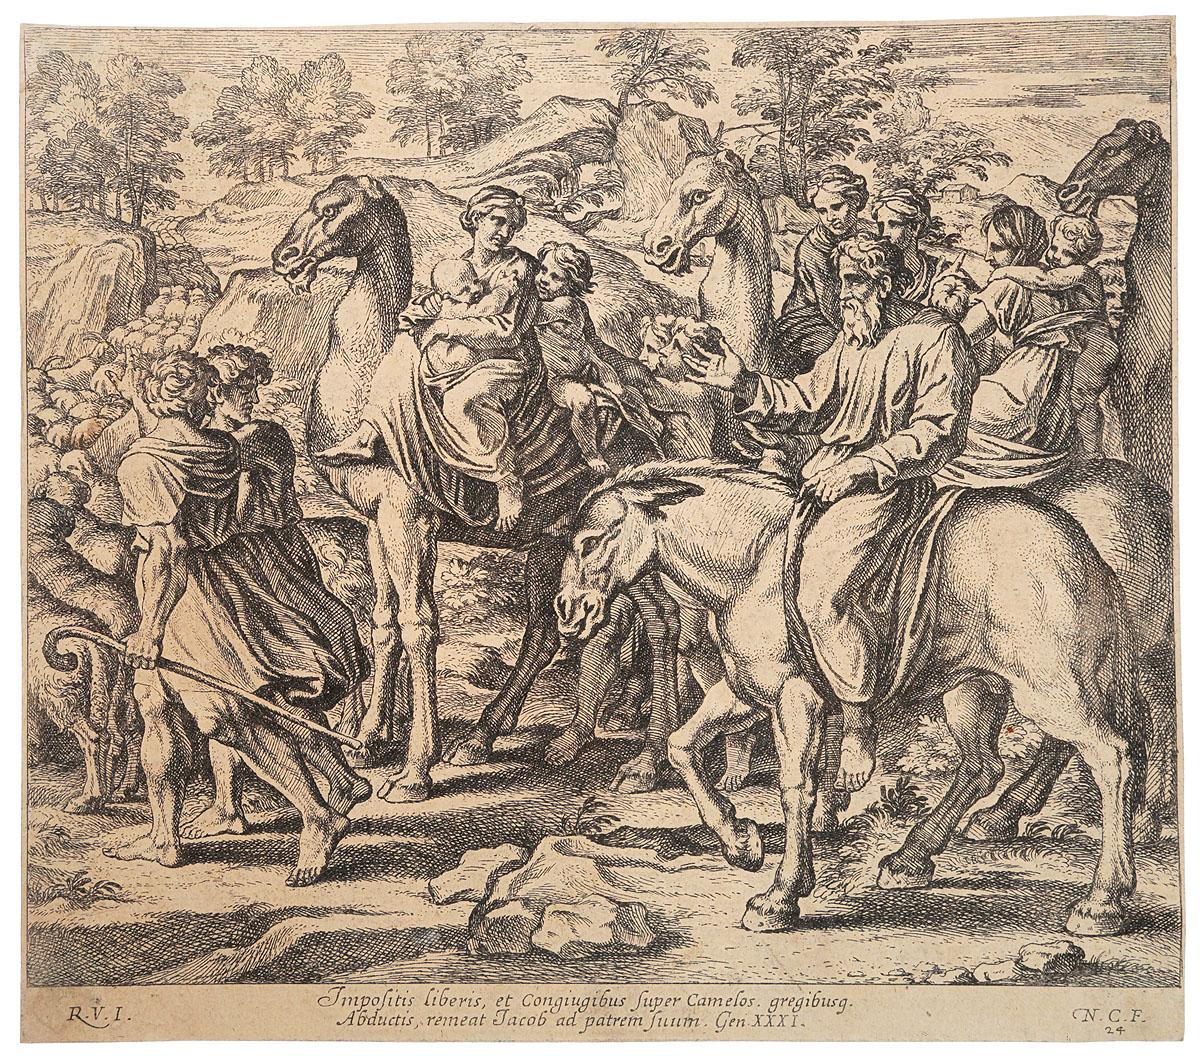 Эпизоды из Священной истории. Бегство Иакова. Гравюра. Западная Европа, 1640 год